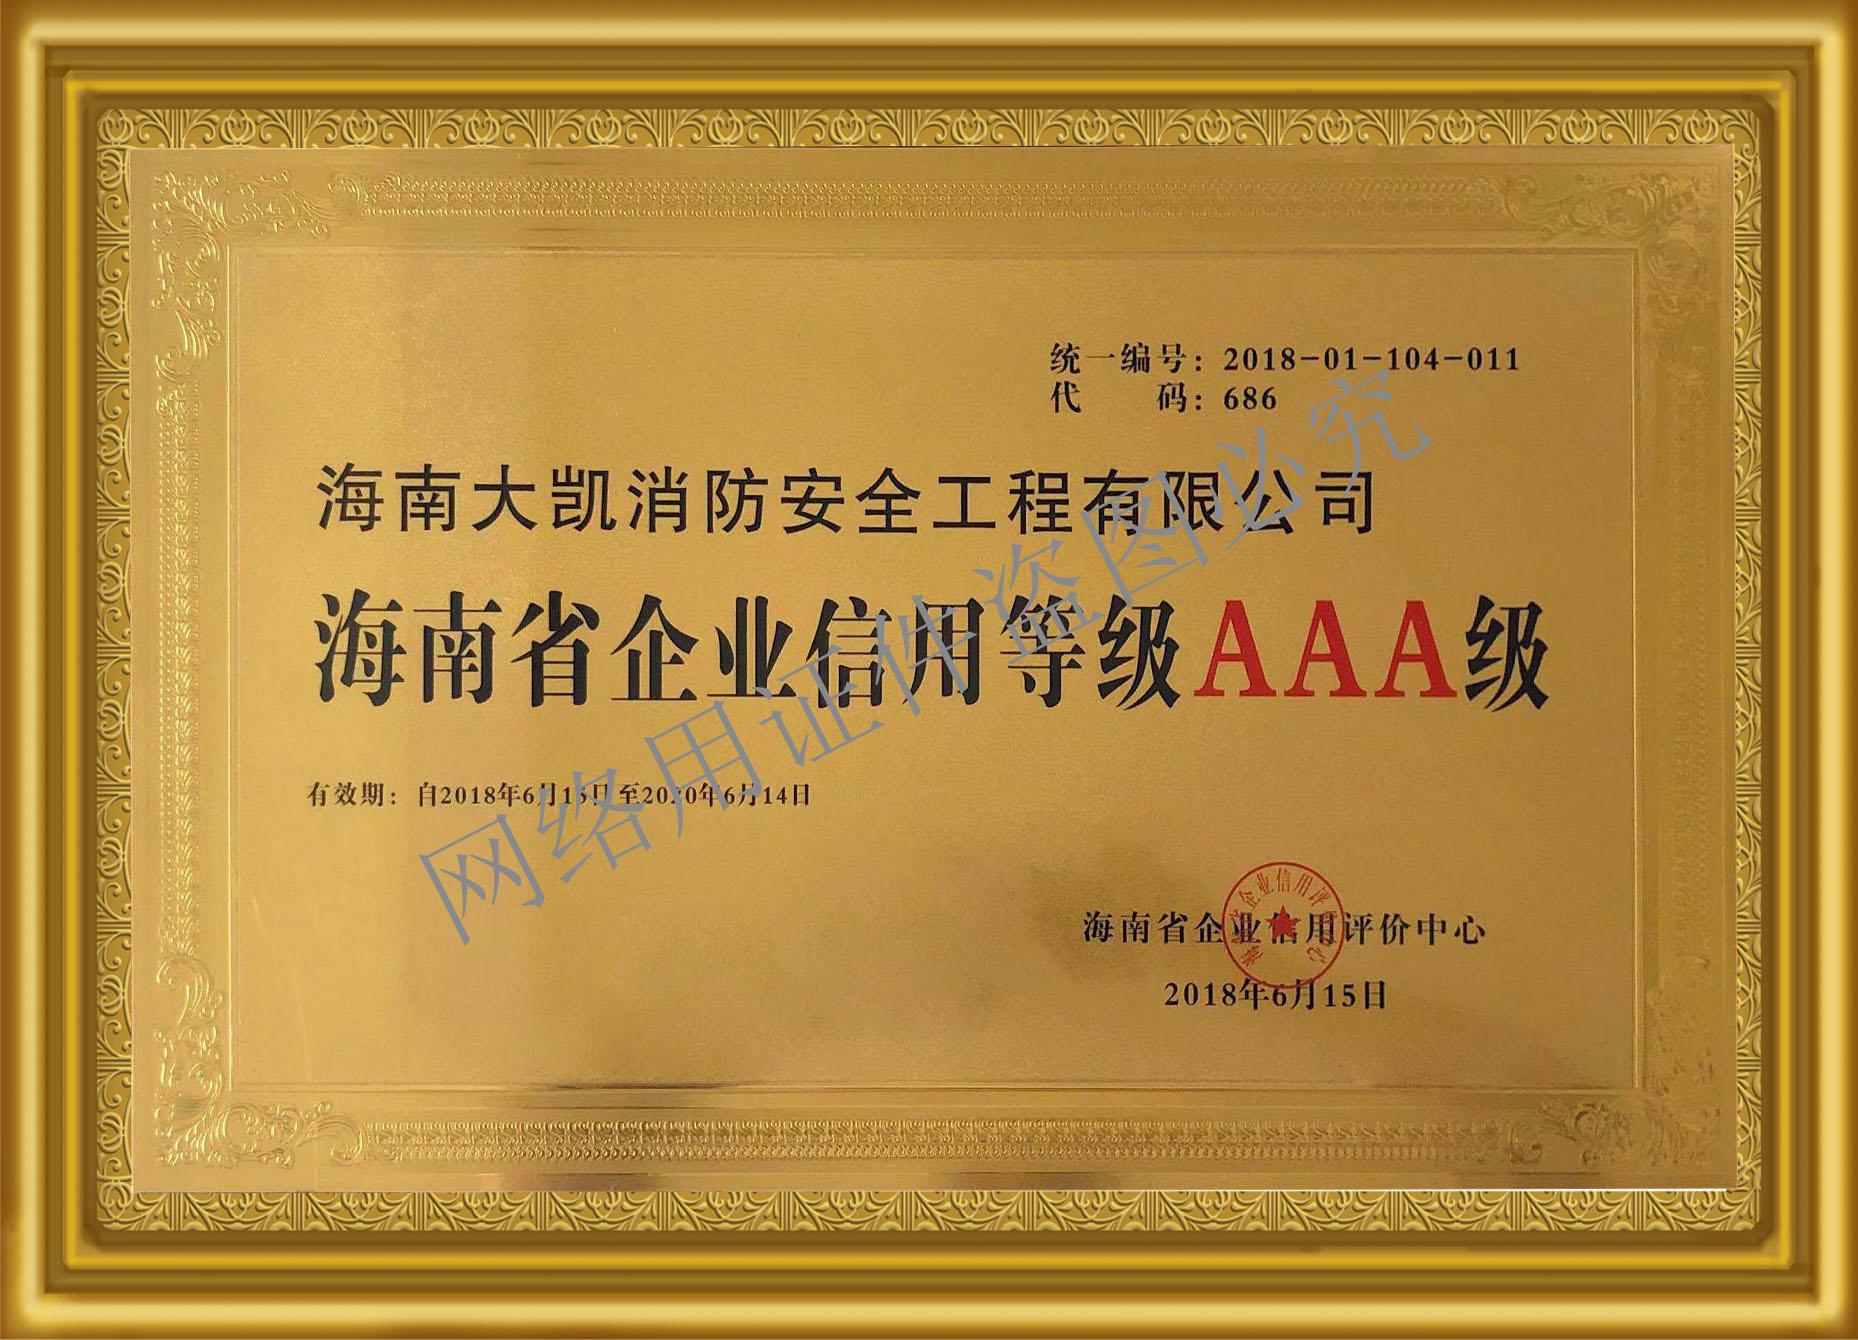 18-2020万博手机版省企业信用等级AAA